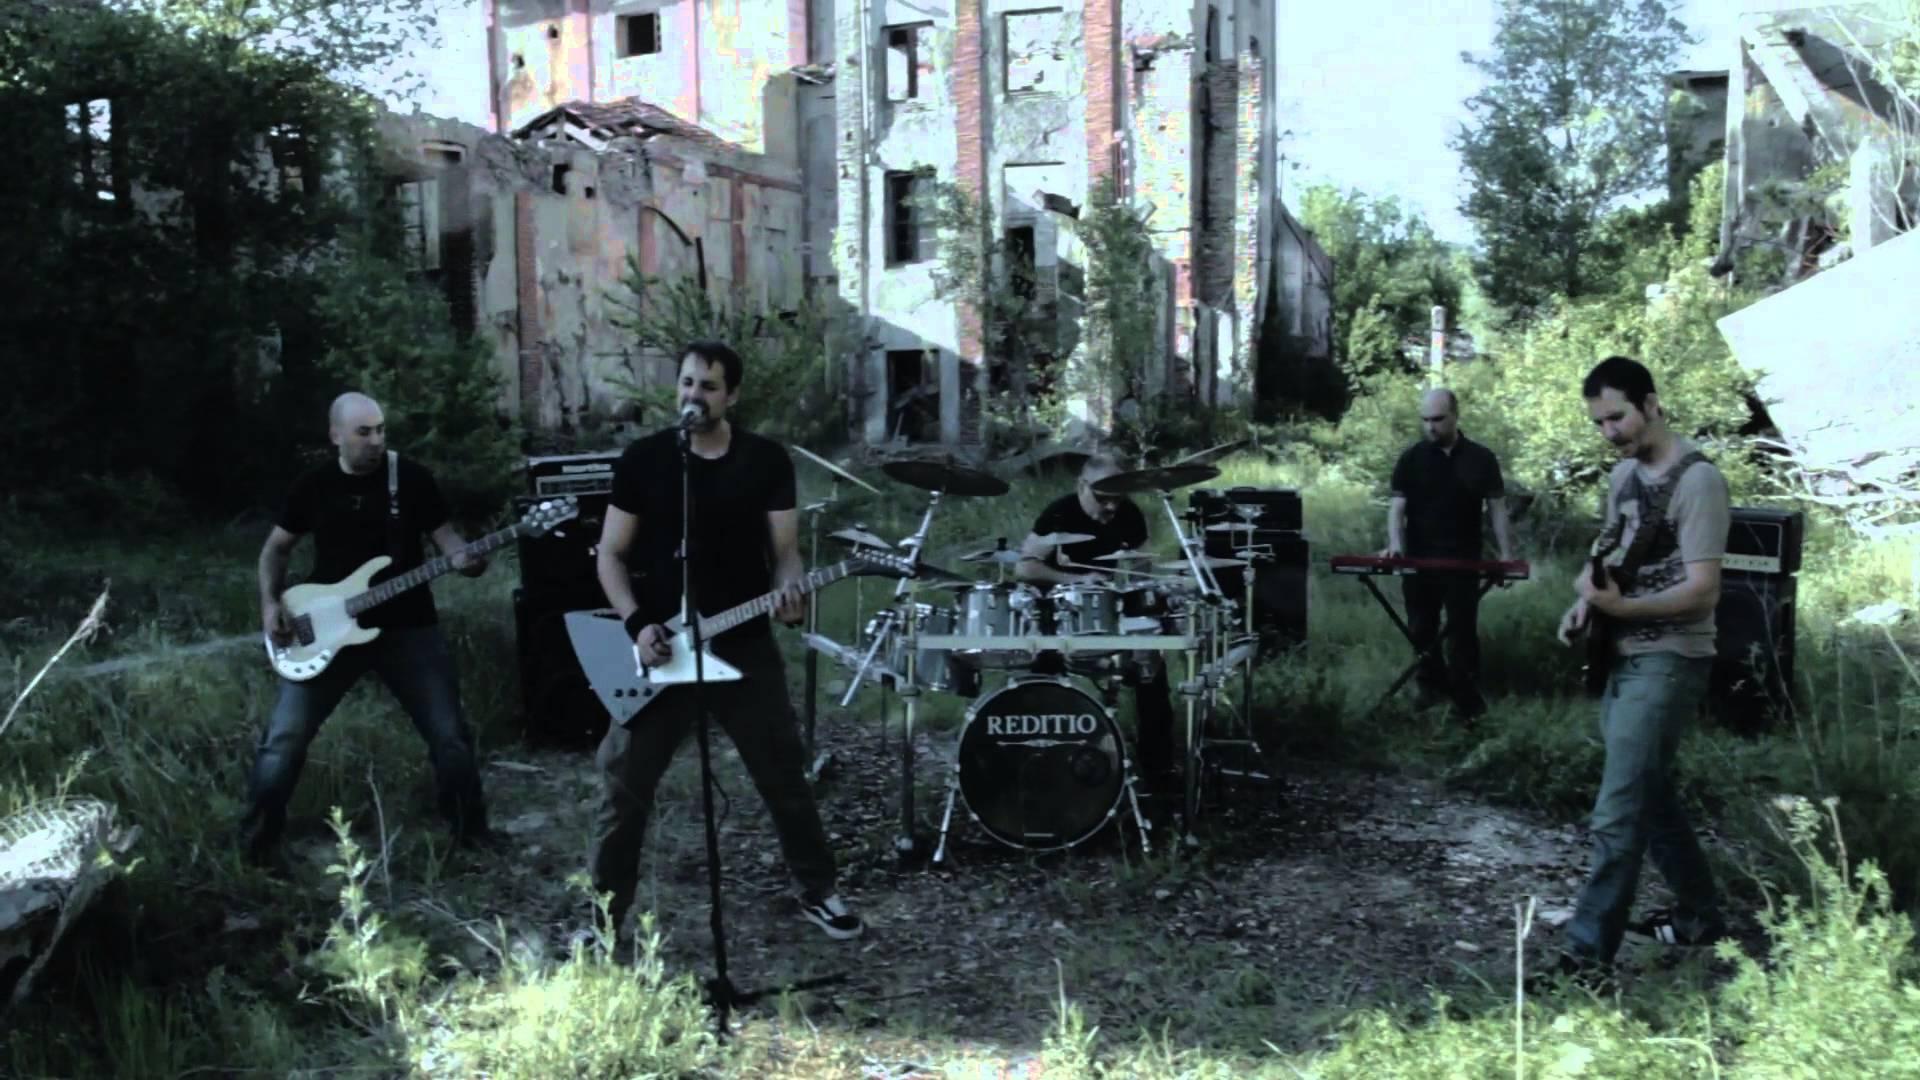 Videoclip «La tierra sin huella» para el grupo Reditio